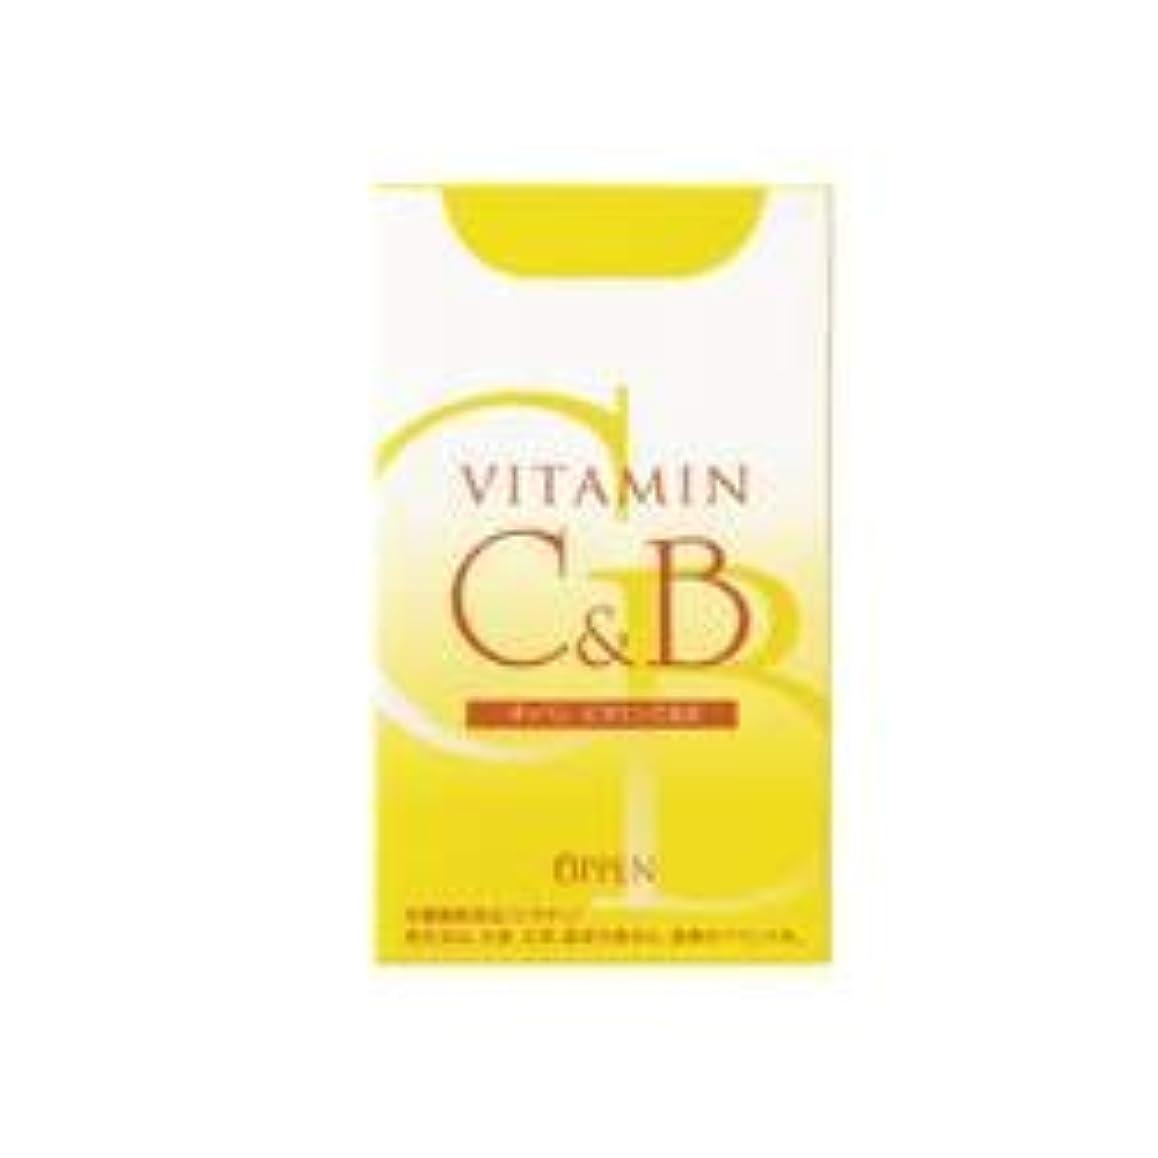 アーティファクト和らげる行為オッペン ヘルスフード ビタミンC&B(60包×3箱入)